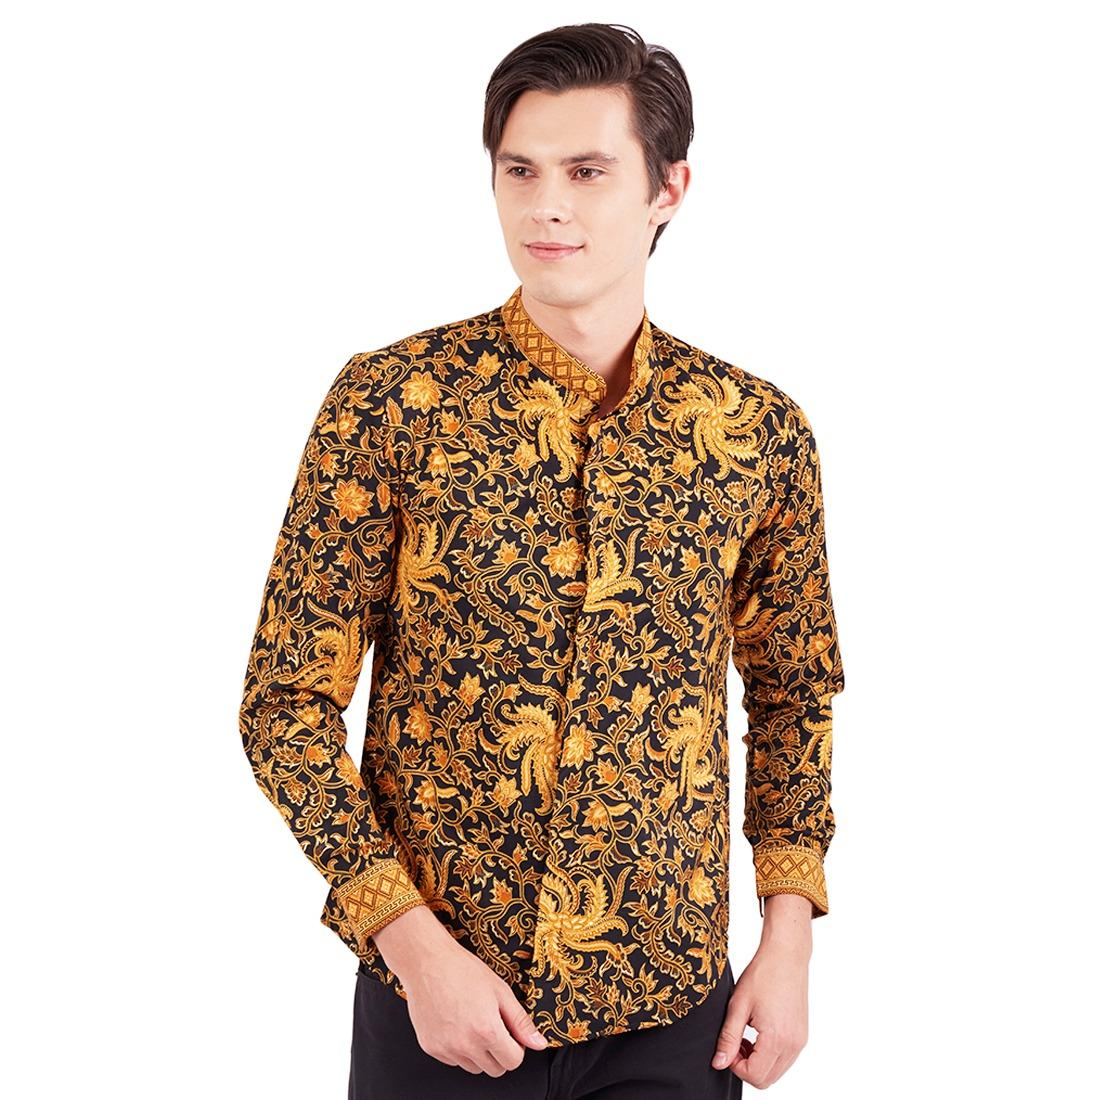 Cek Harga Baru Batik Flike Store Kemeja Lengan Panjang Shanghai Neck Pria Prada Pendek 2 Layer Mlxl Gold Feather